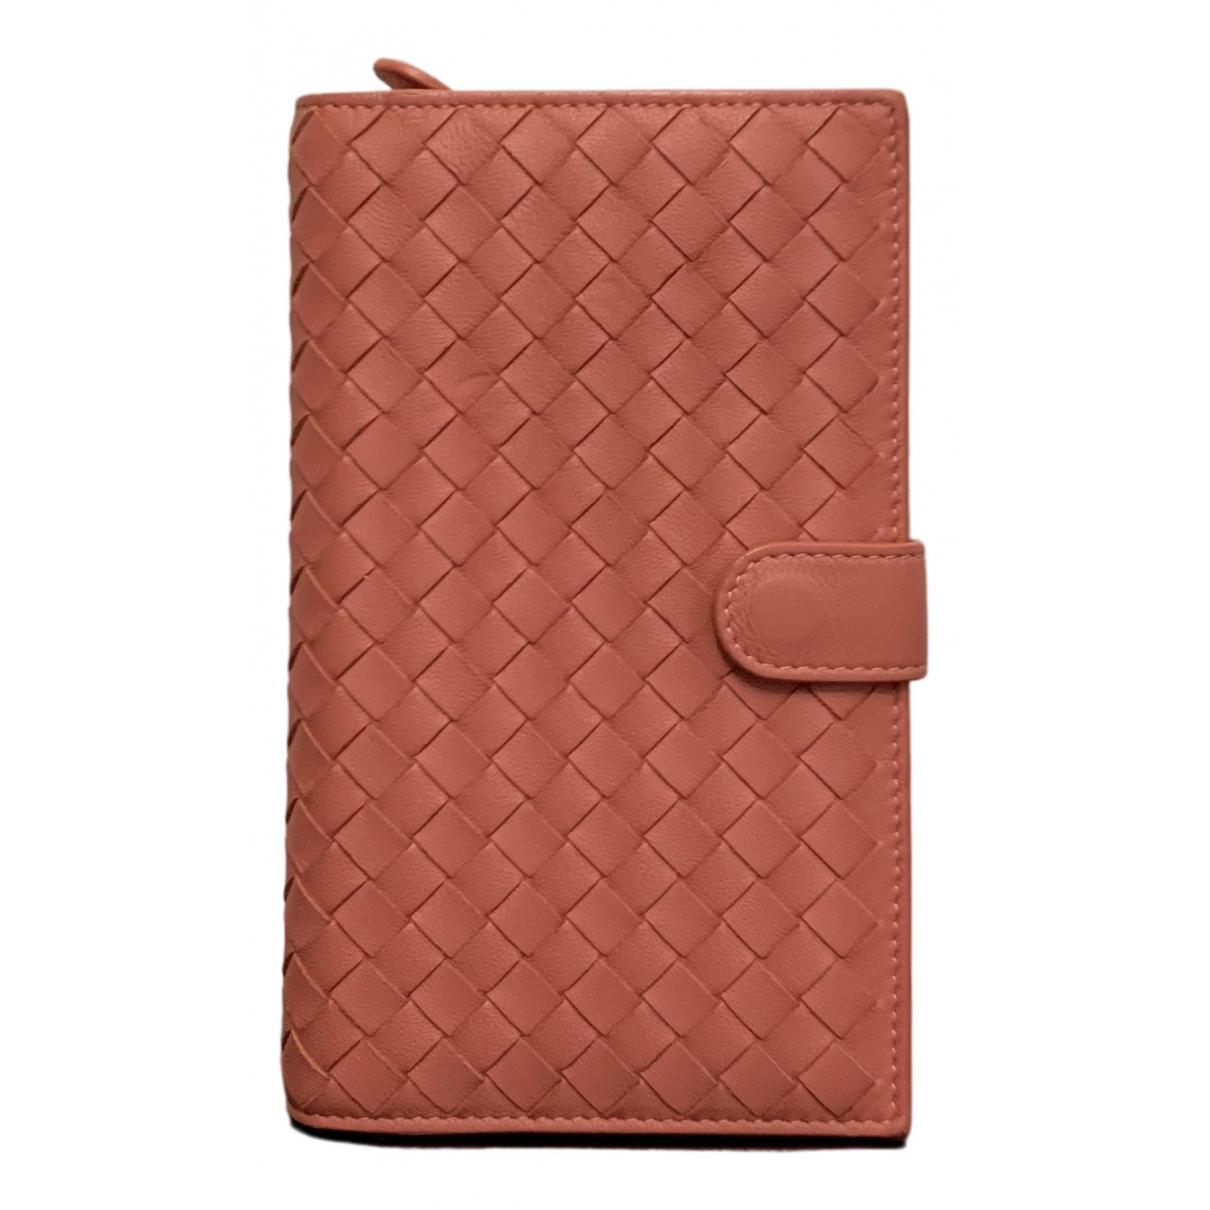 Bottega Veneta - Portefeuille   pour femme en cuir - rose